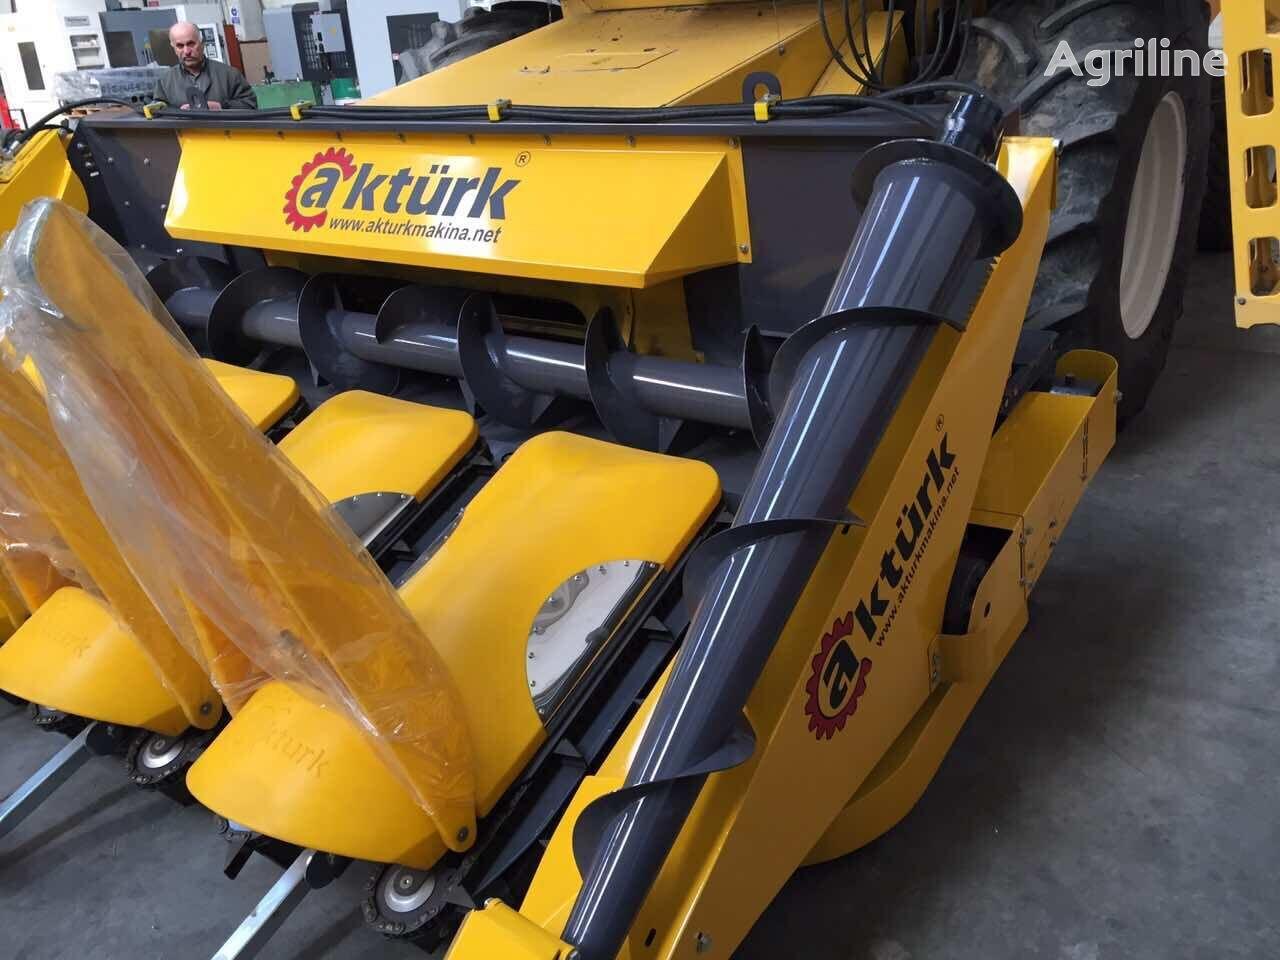 جديد حصادة الذرة Dominoni Akturk Makina